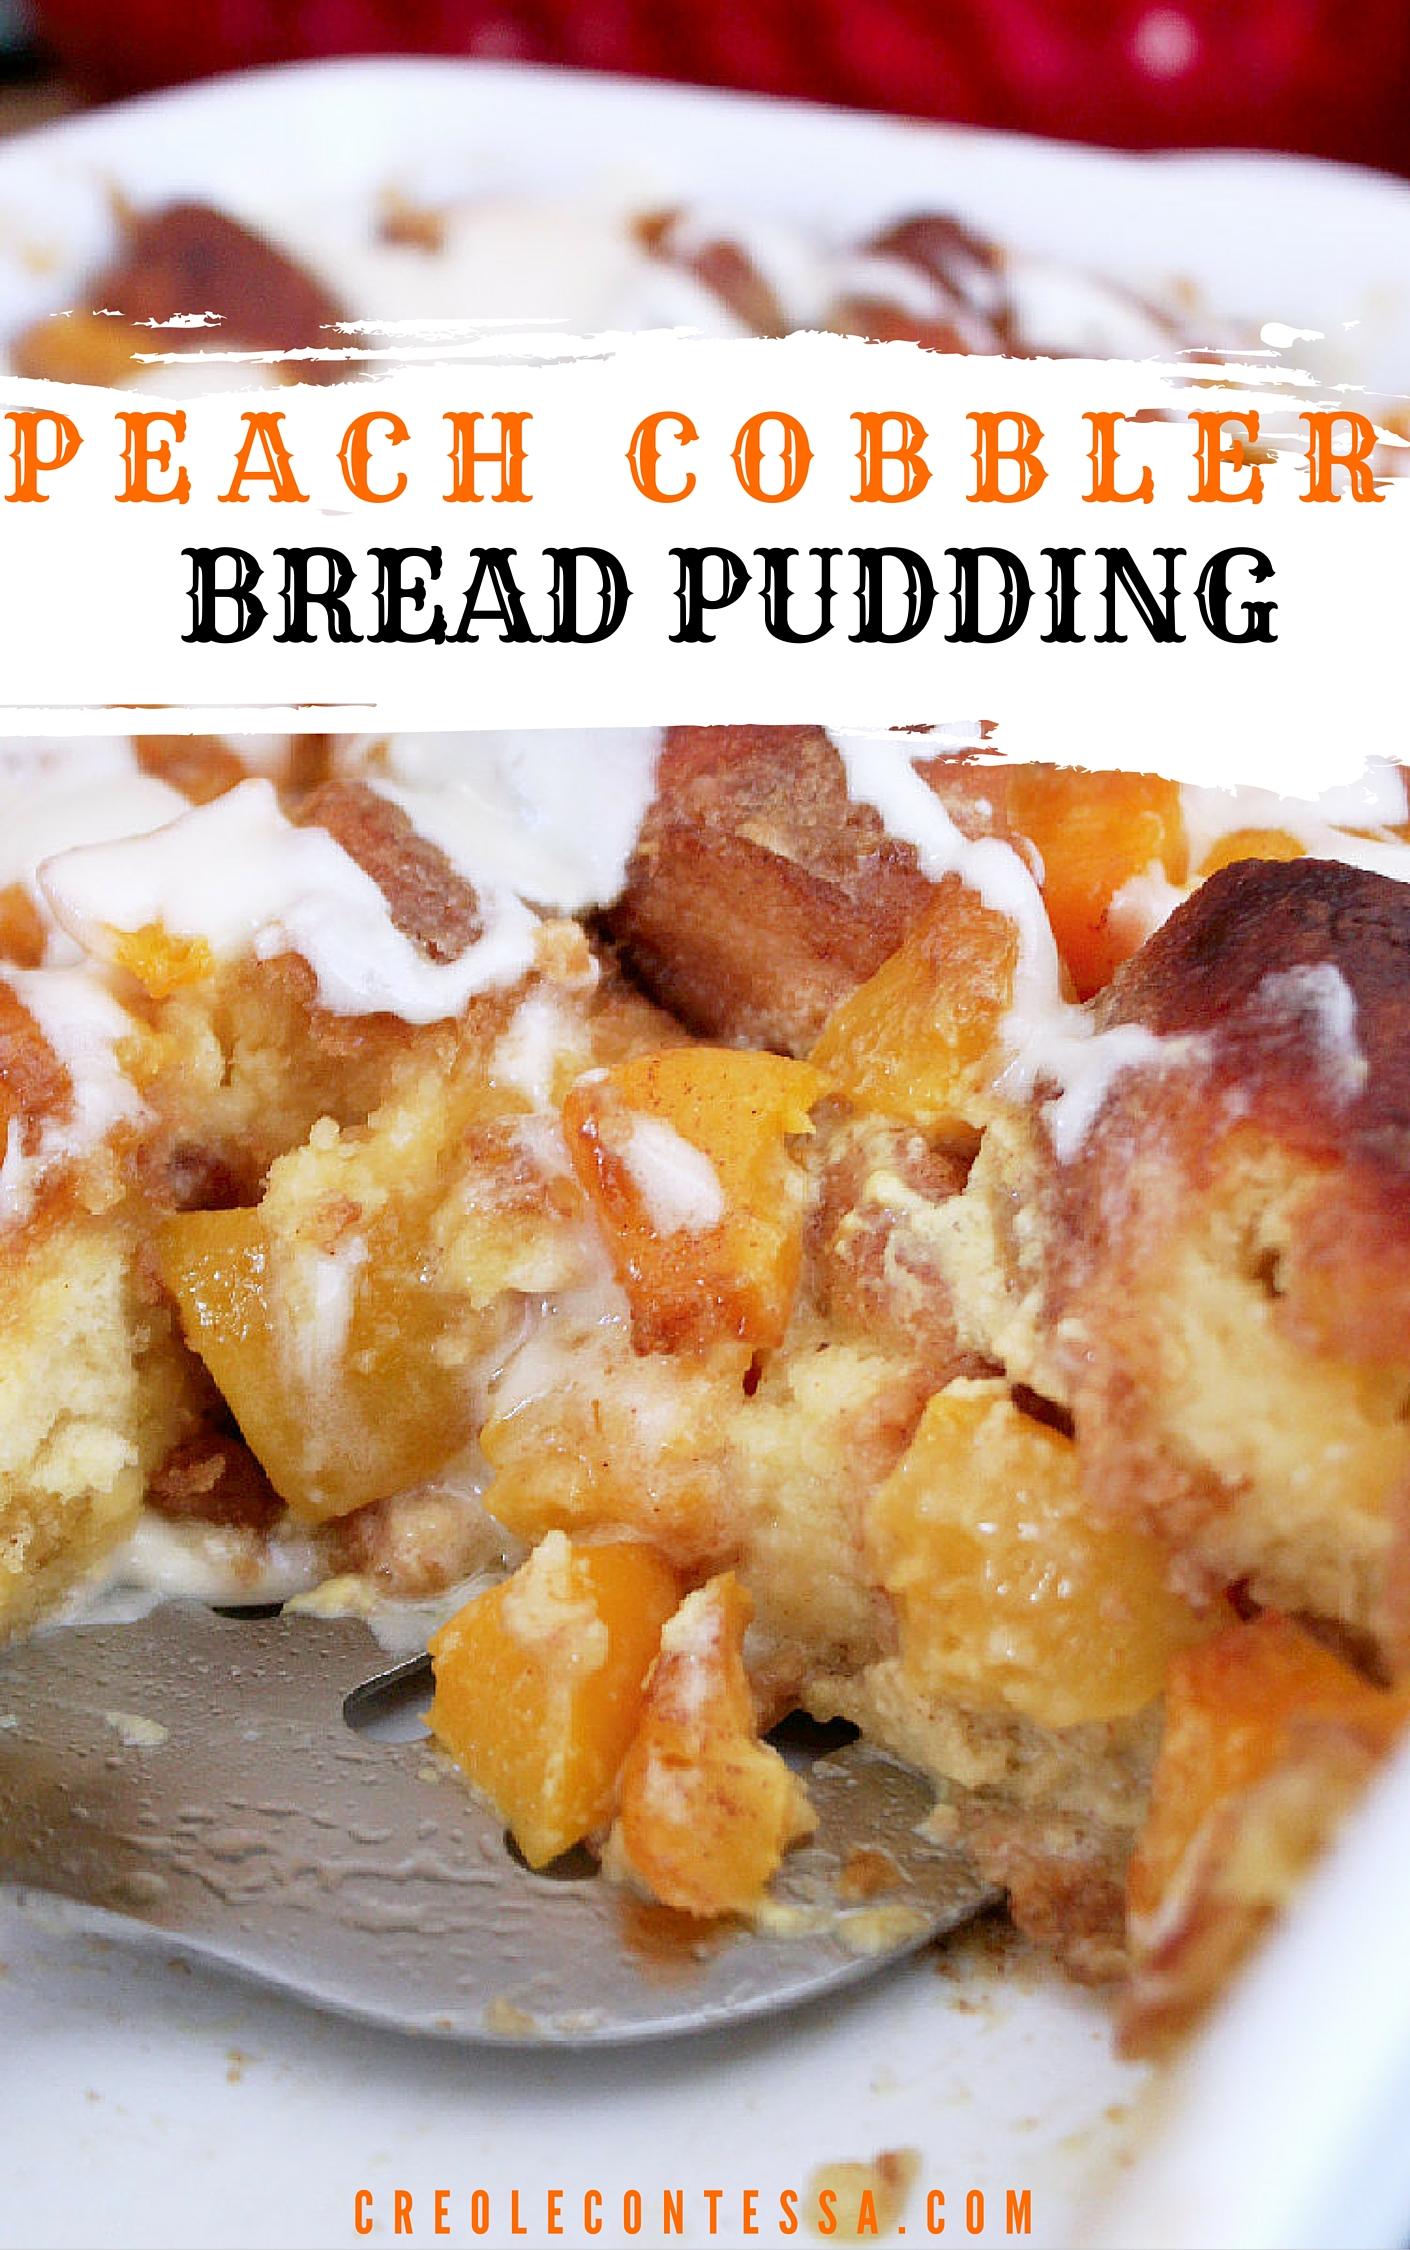 Peach Cobbler Bread Pudding-Creole Contessa